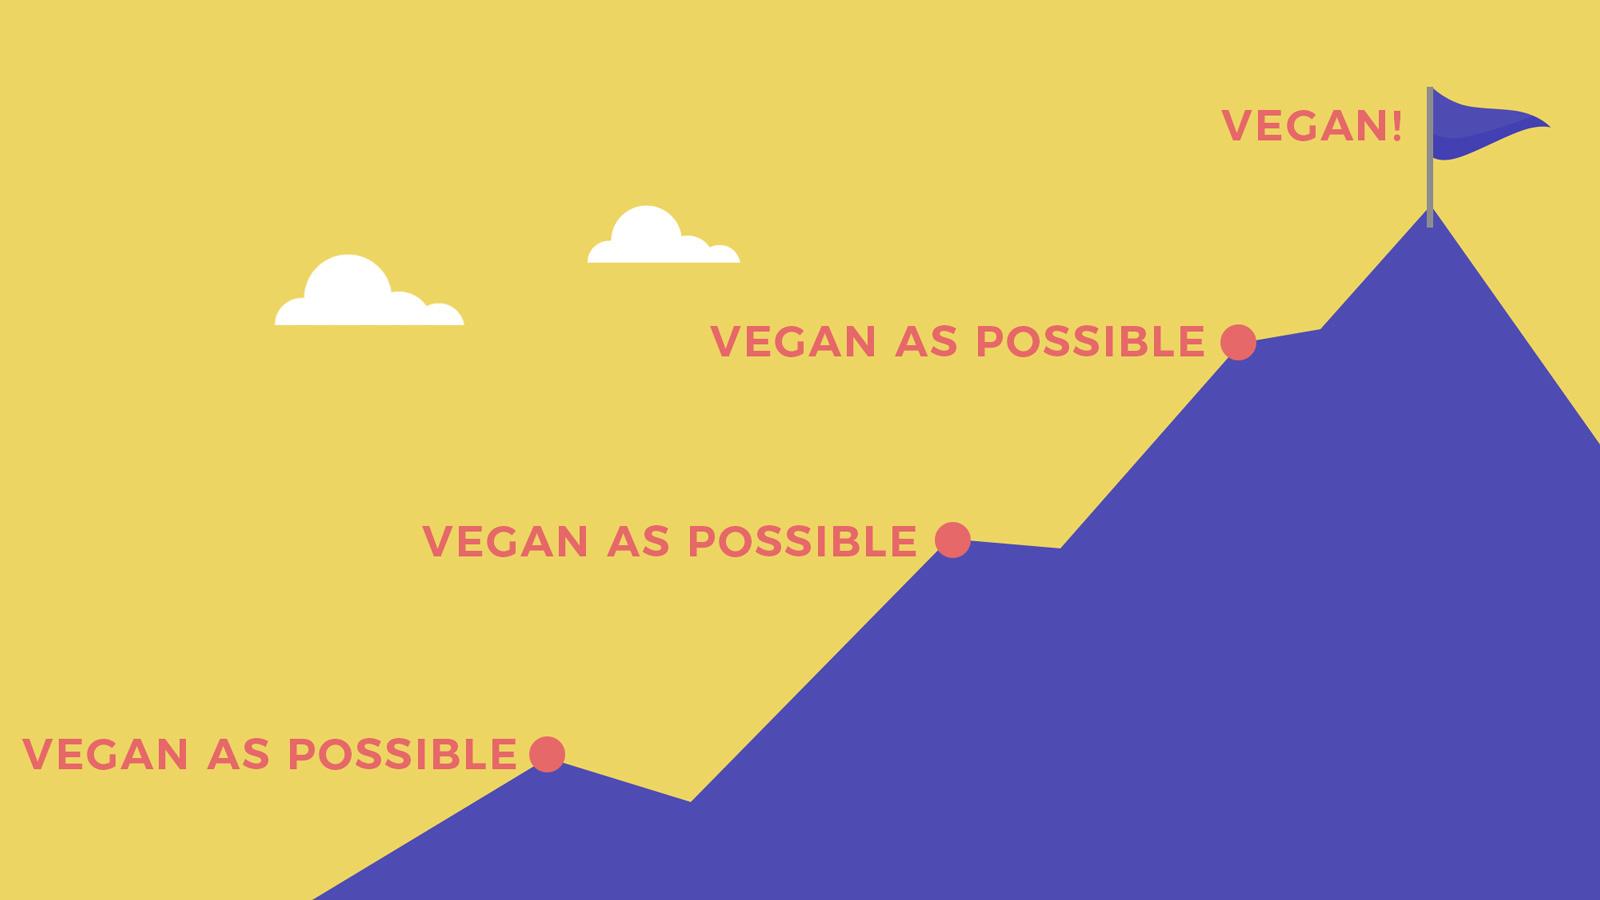 Veganism is still the goal